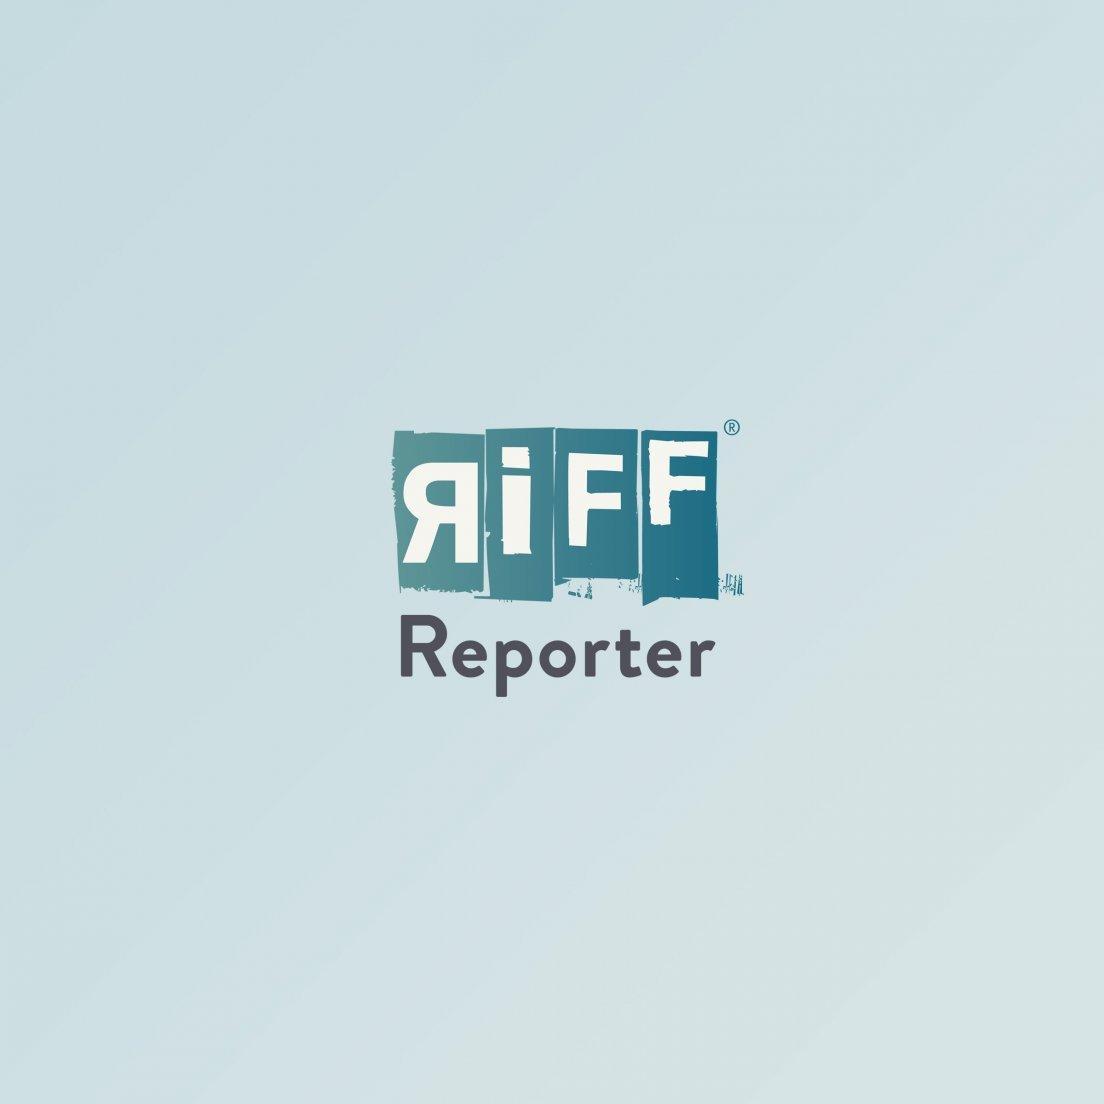 zweigeteiltes Bild: oben das Bild der Regierungskampagne, unten das des RadelndenReporters; beide Bilder zeigen einen deutschen Küstenabschnitt.